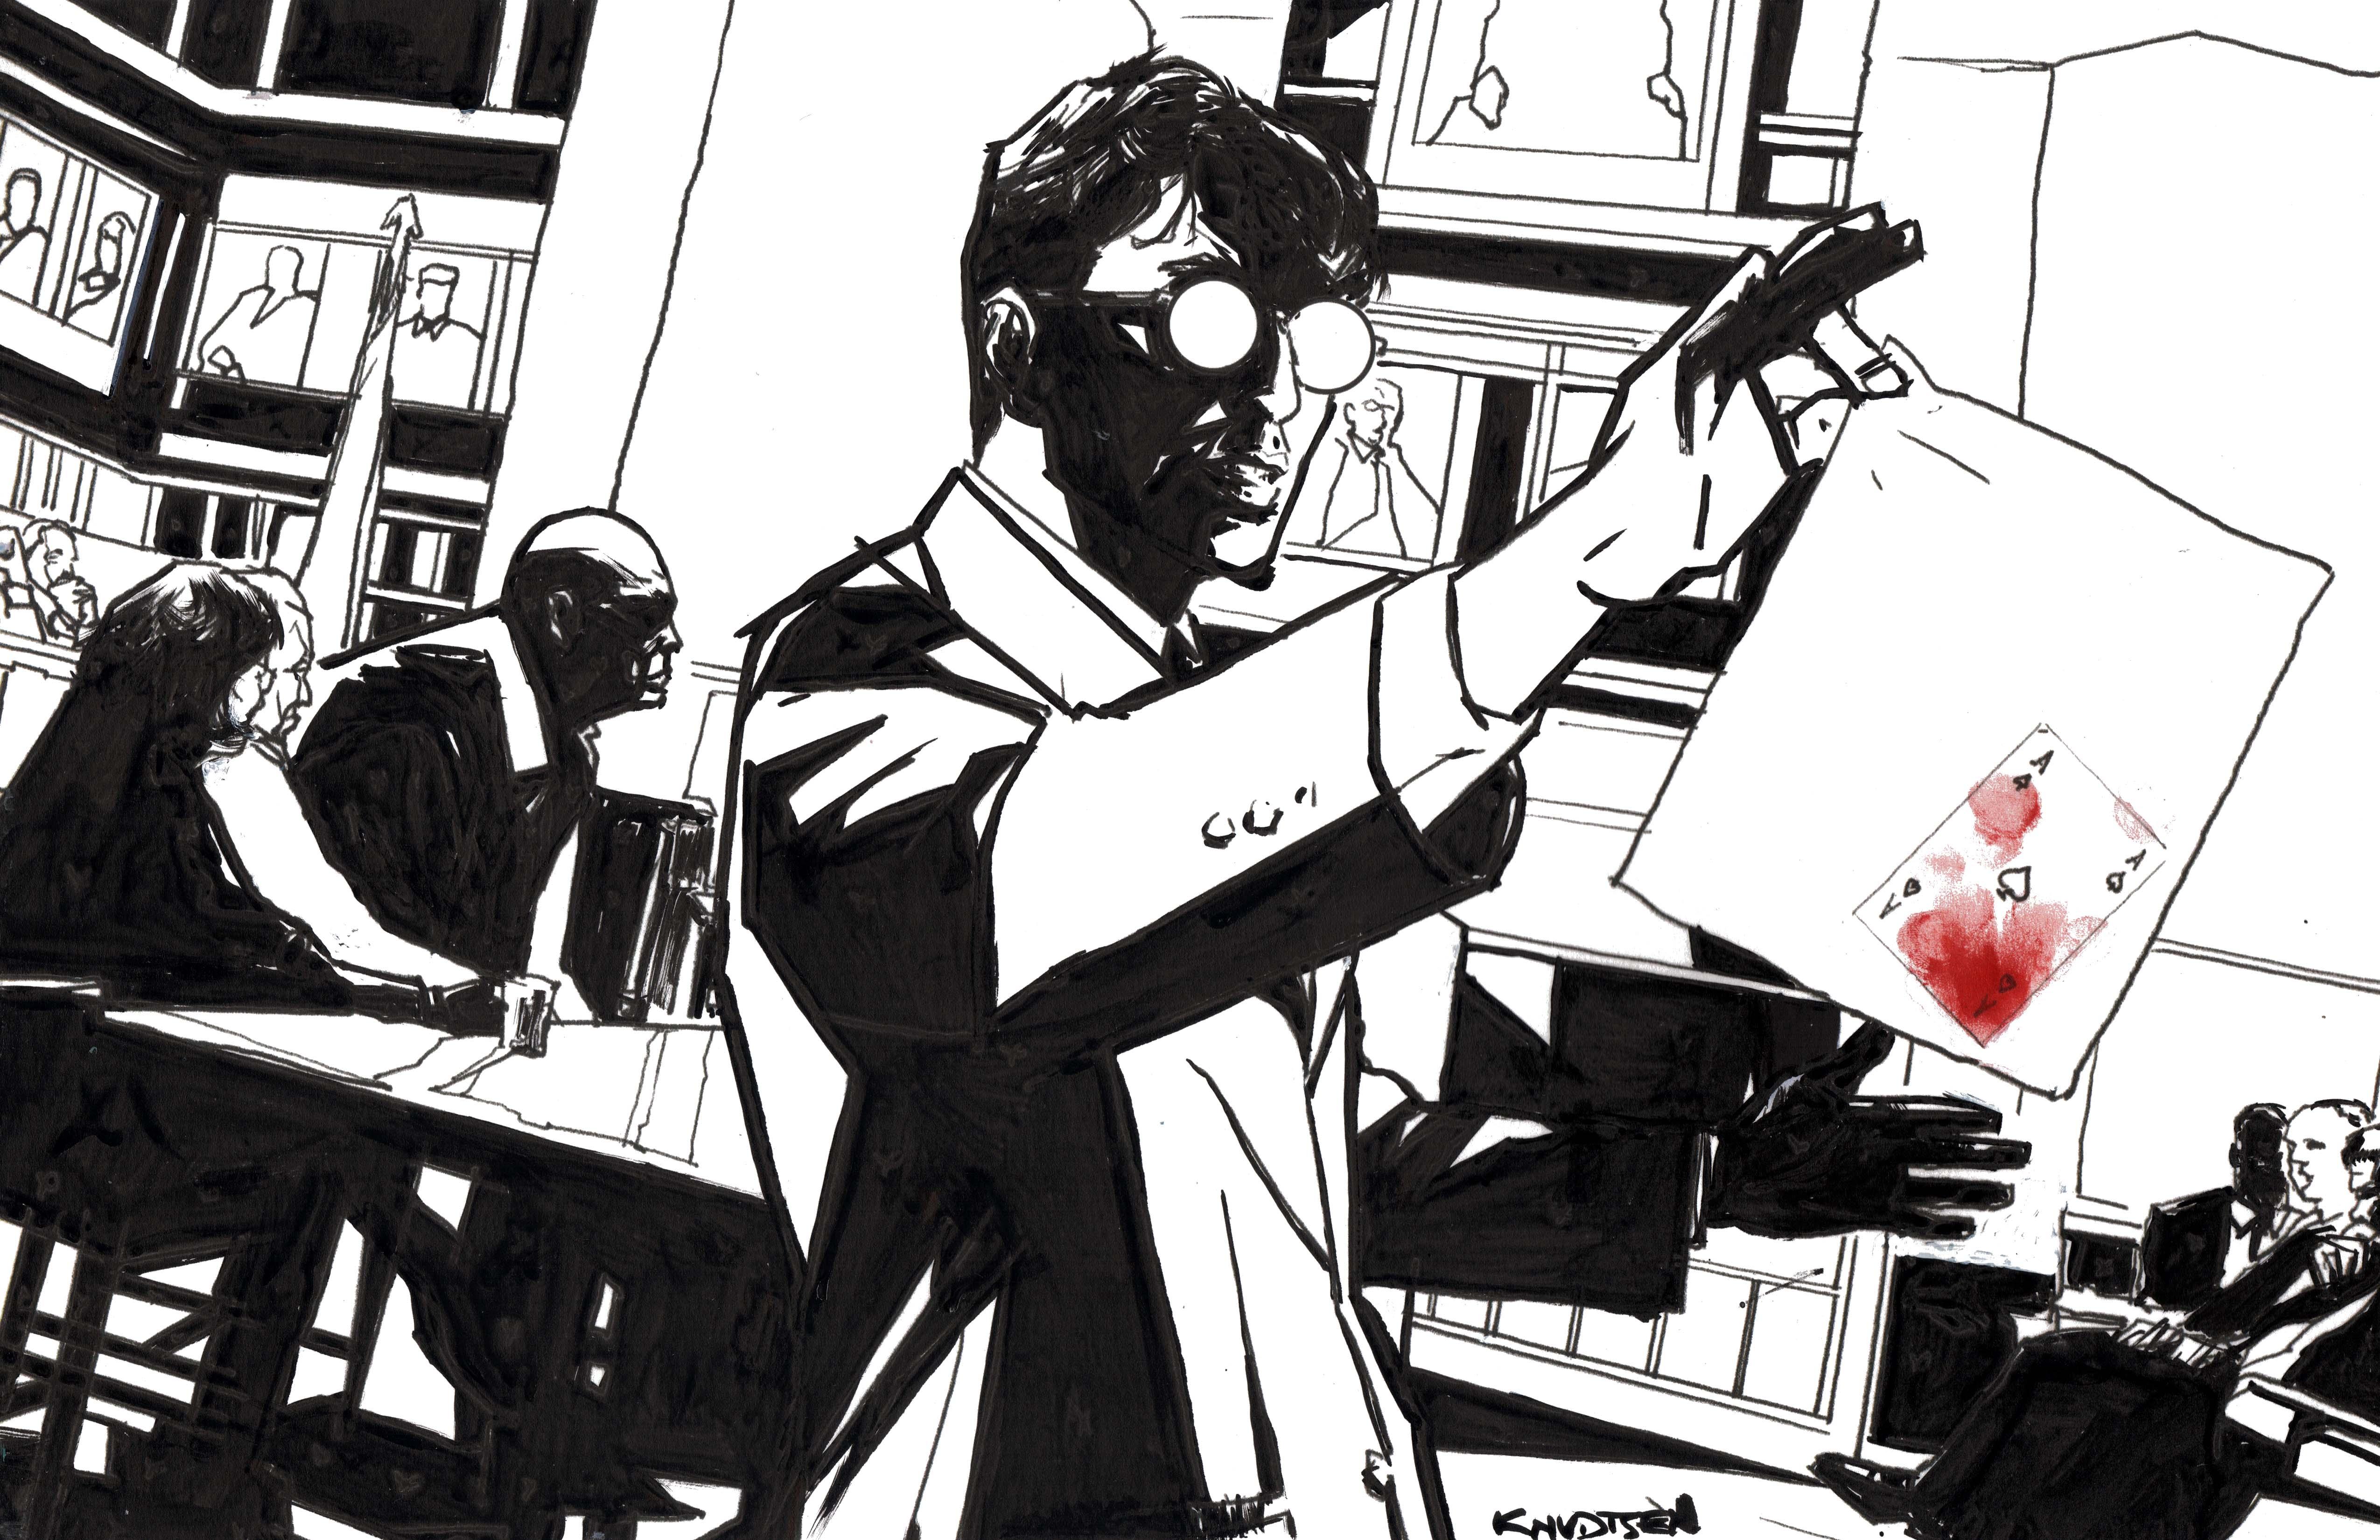 Matt Murdock(ssh it's Daredevil)